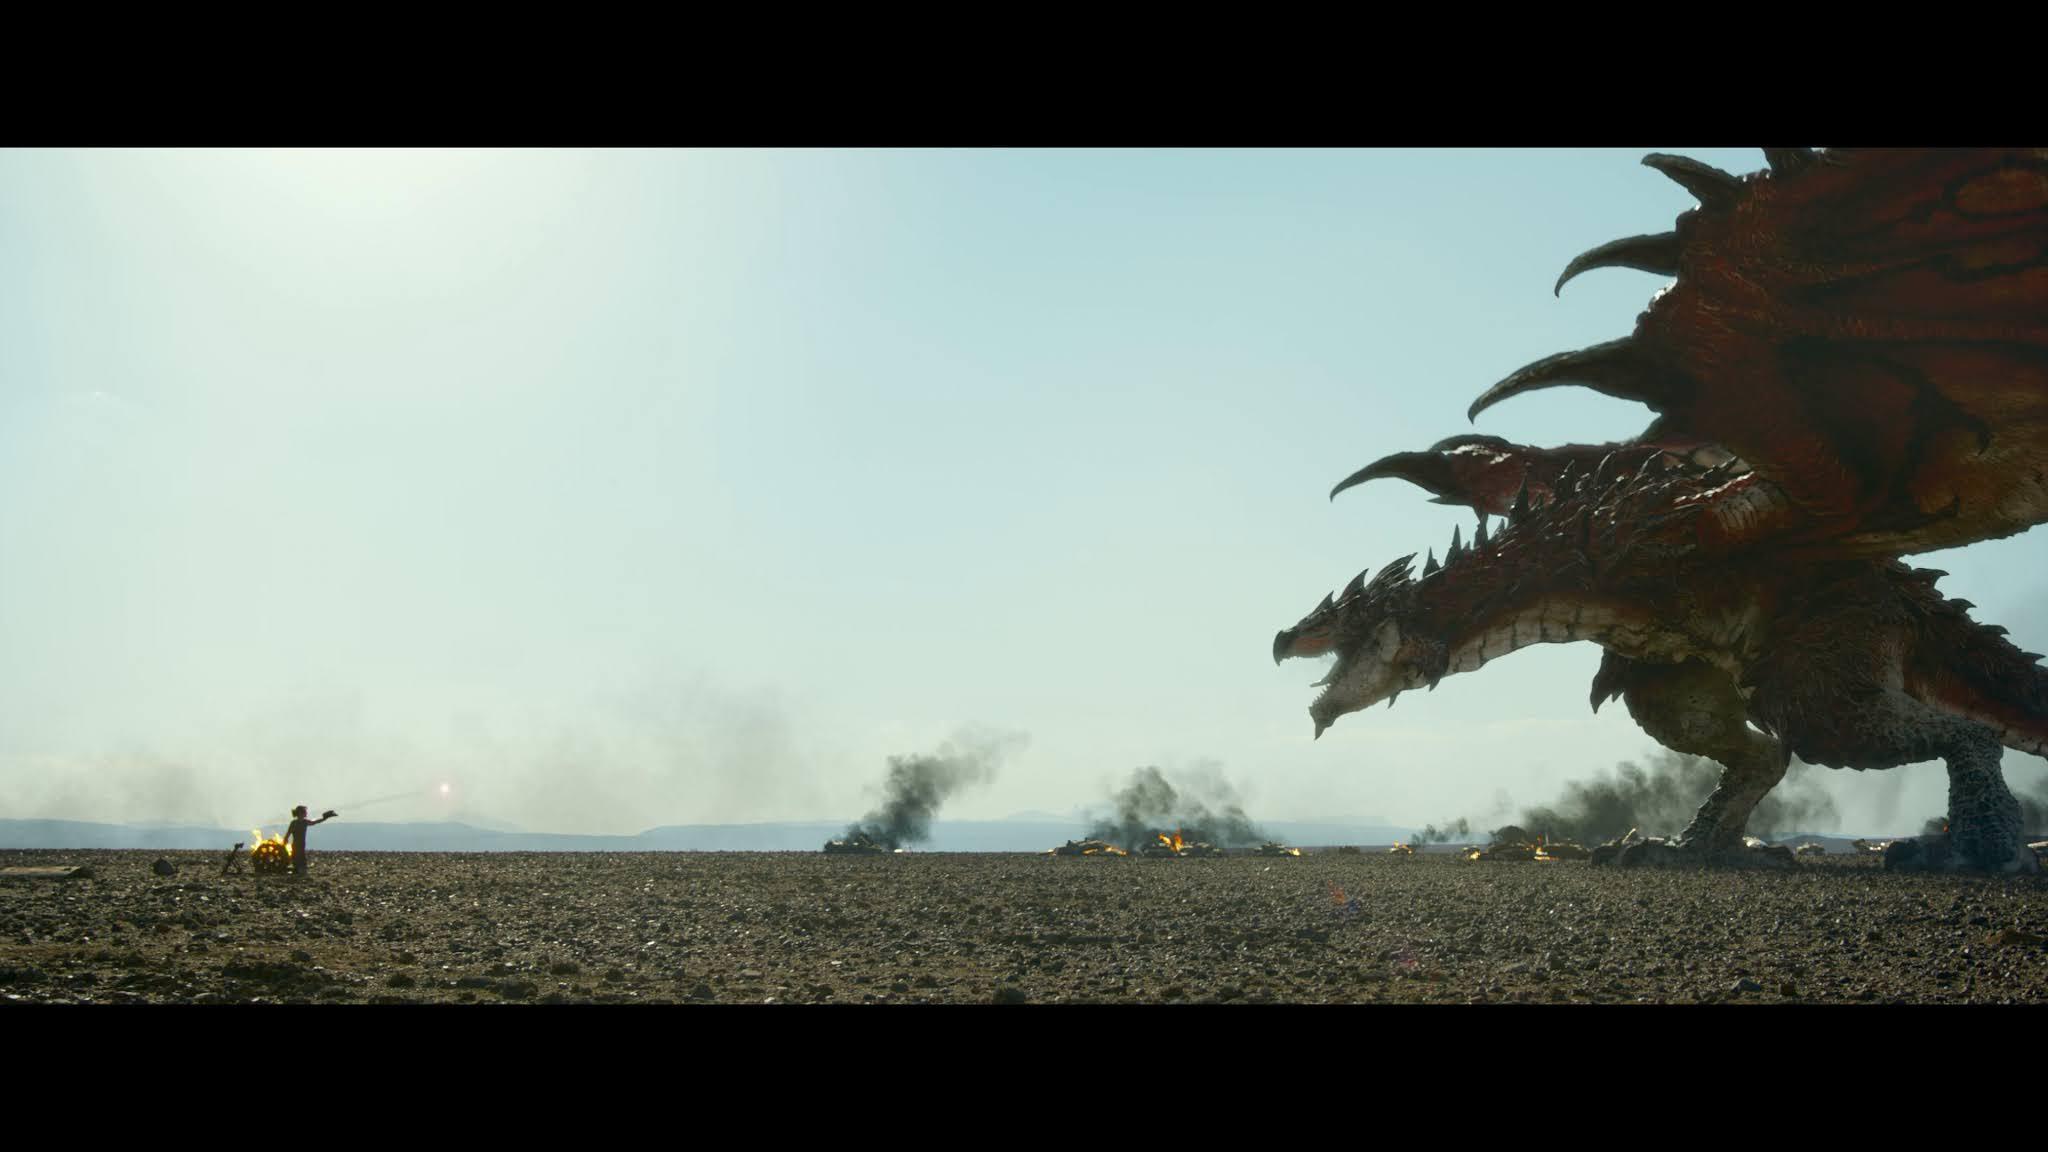 Monster Hunter: La cacería comienza (2020) 4K WEB-DL SDR AMZN Latino